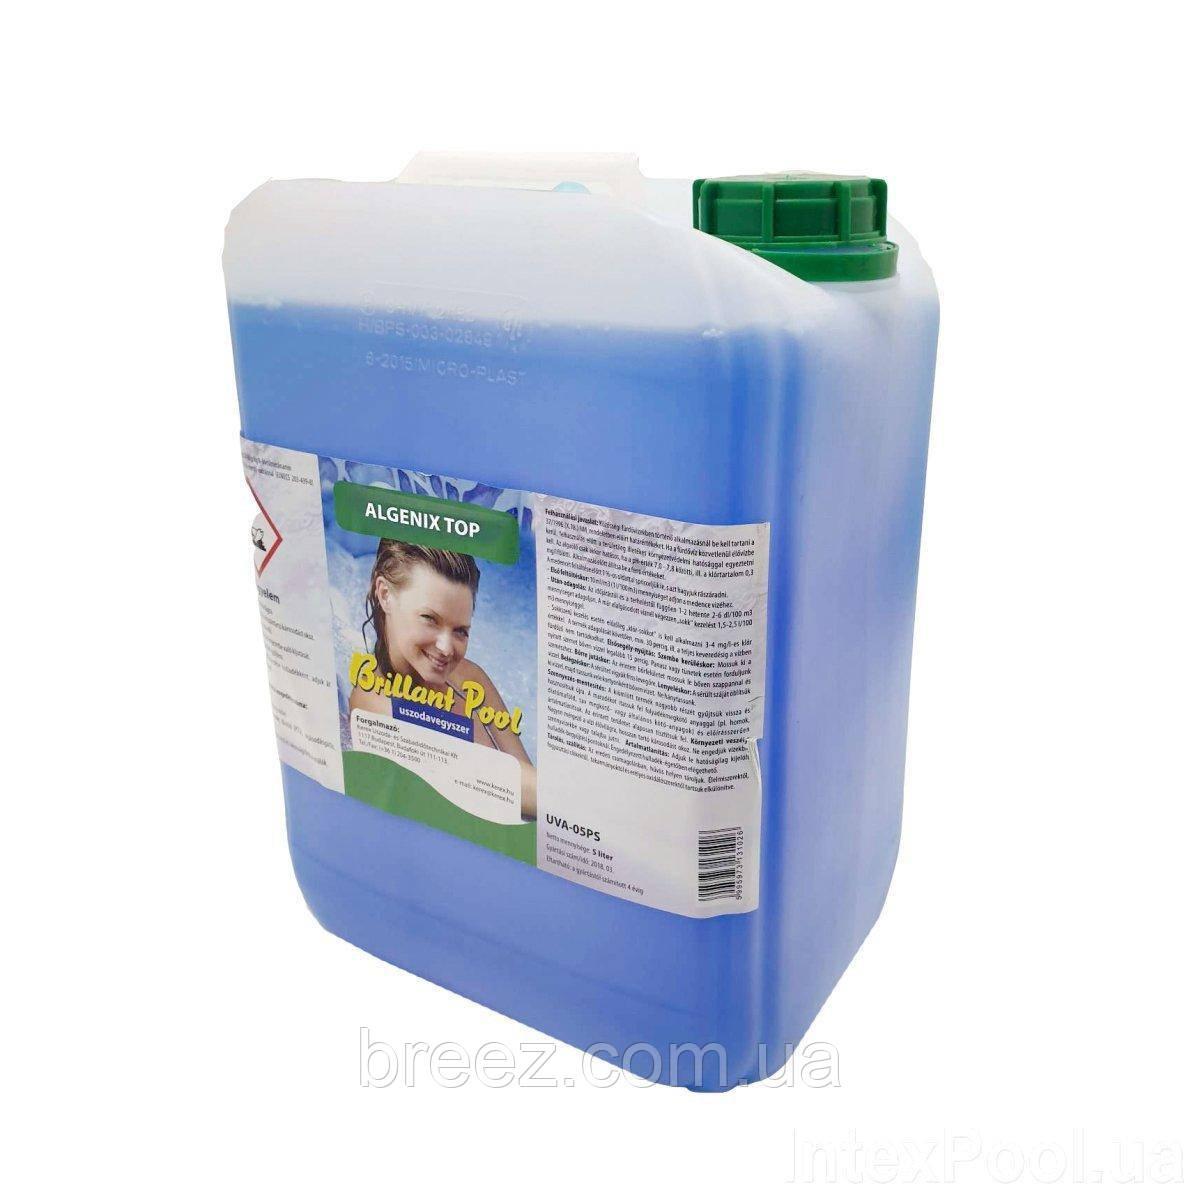 Альгеникс препарат для очистки от водорослей Kerex 5 л Венгрия